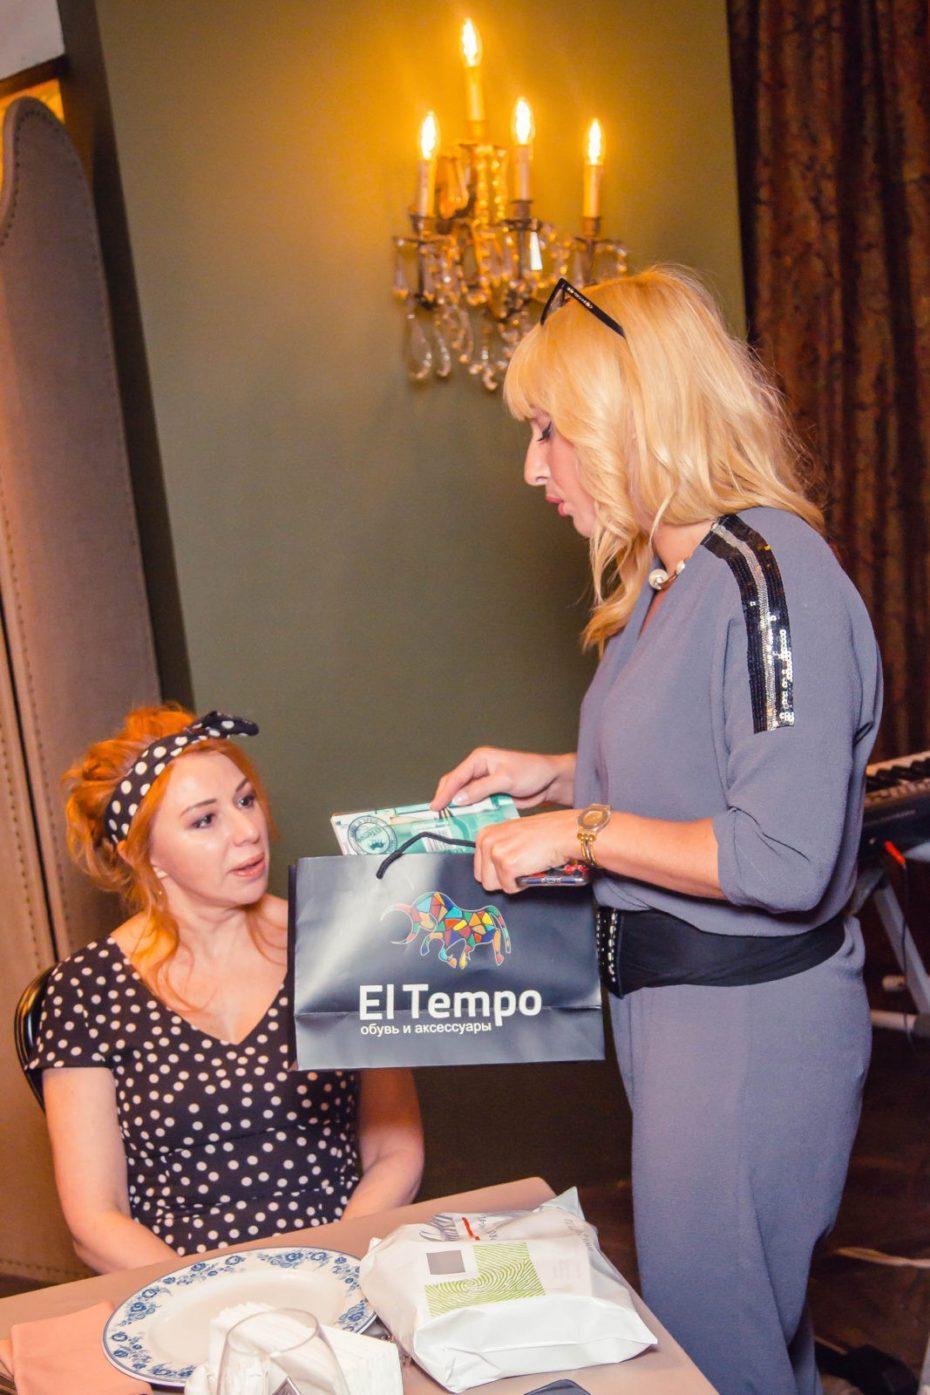 Бренд El tempo предоставила подарки на дне рождения Виктории Пьер-Мари 12